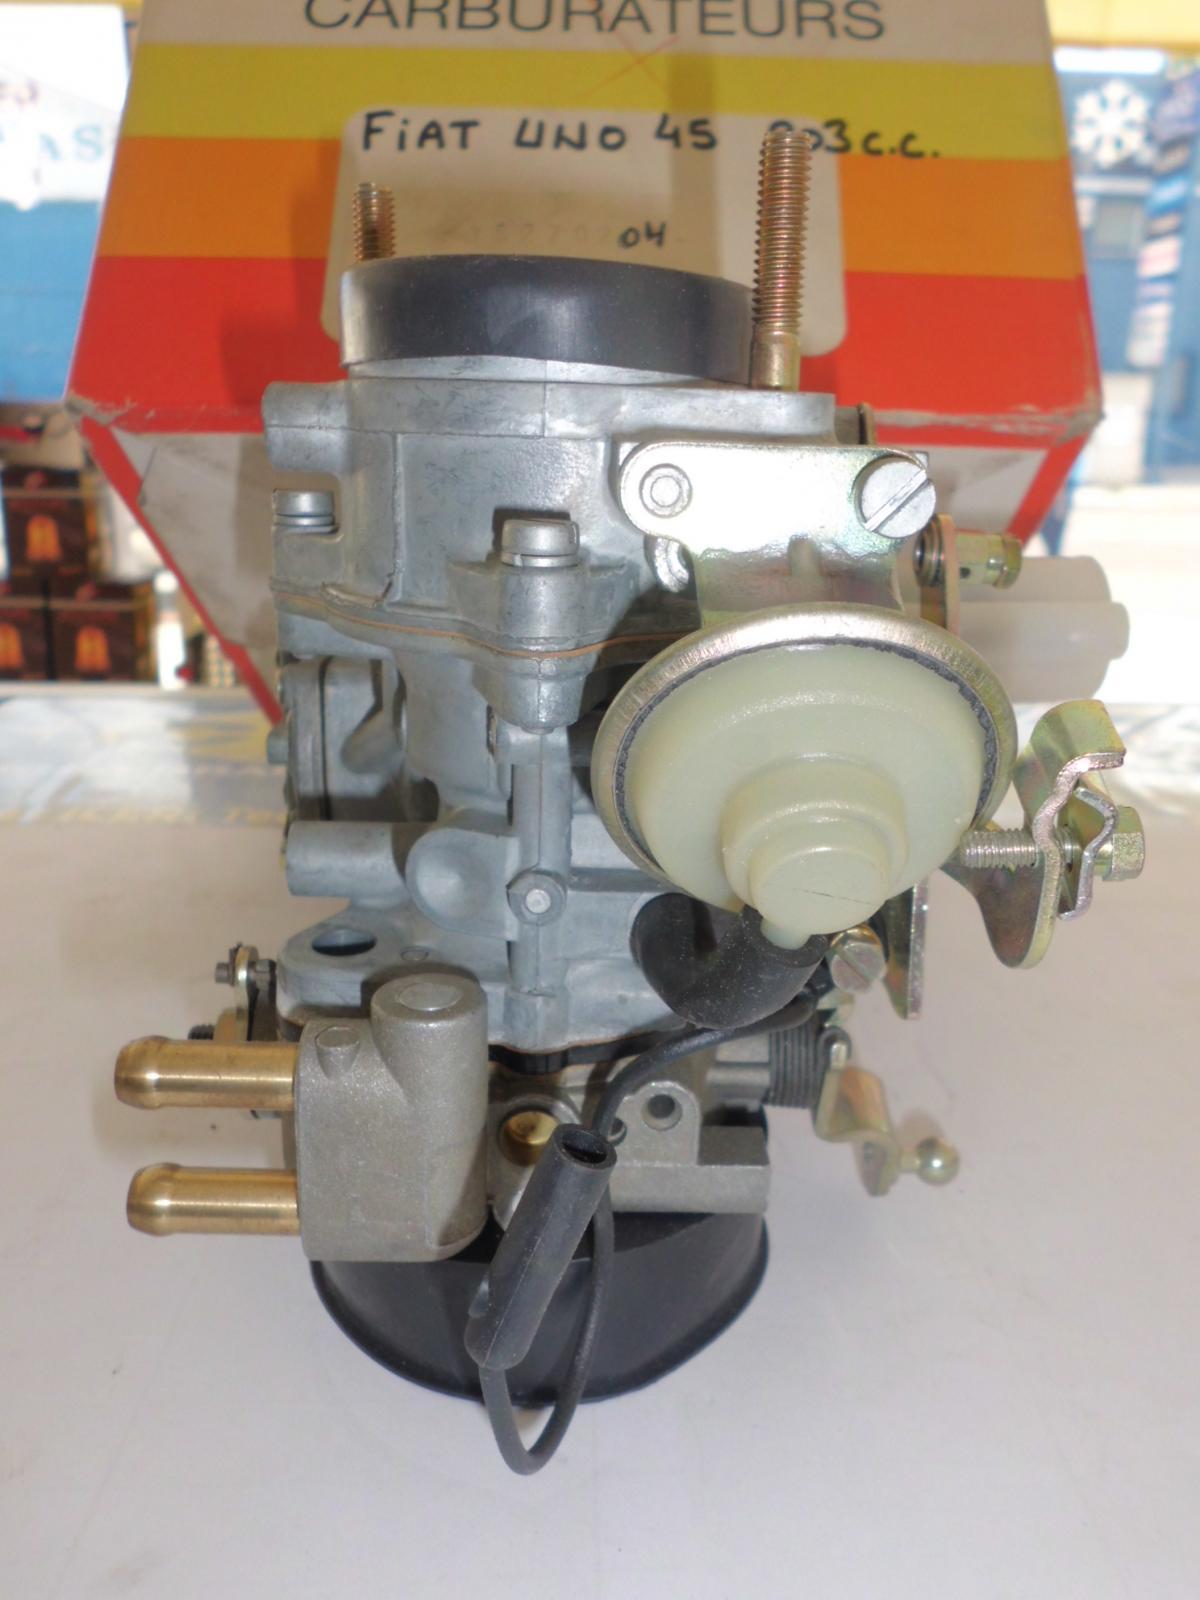 Carburador Fiat Uno 45 903 C.C.